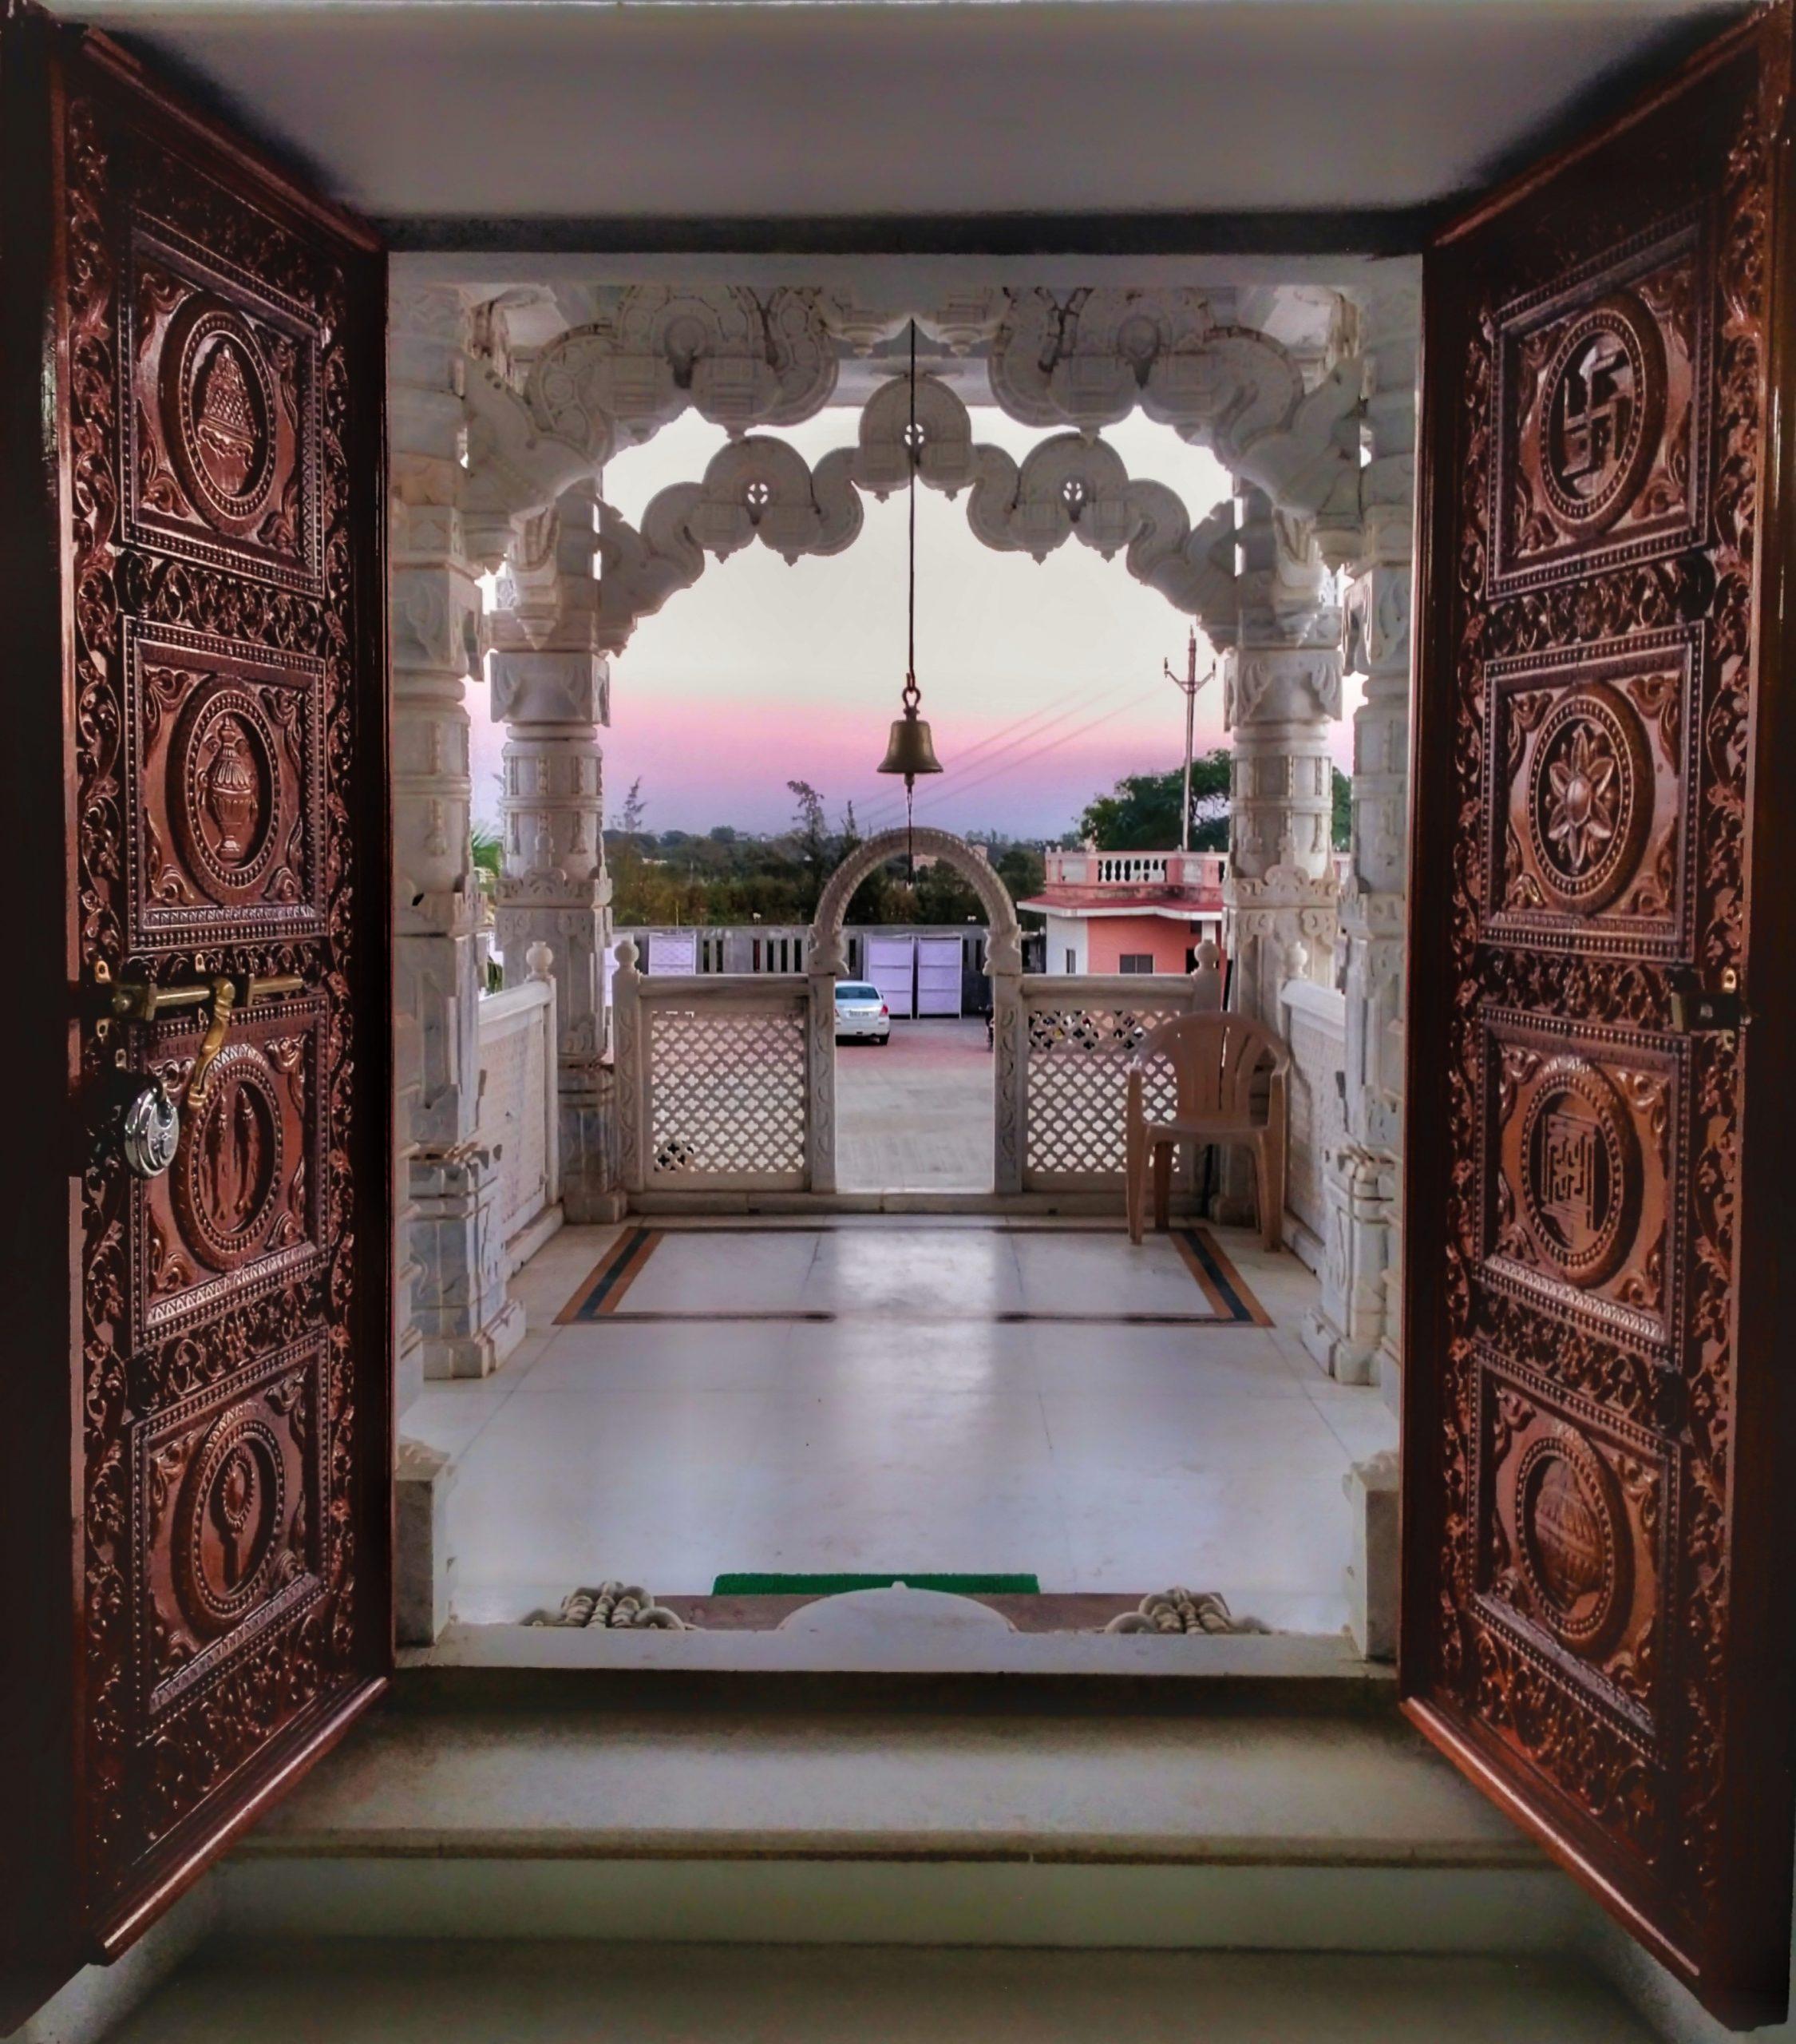 Jain temple, Ratlam